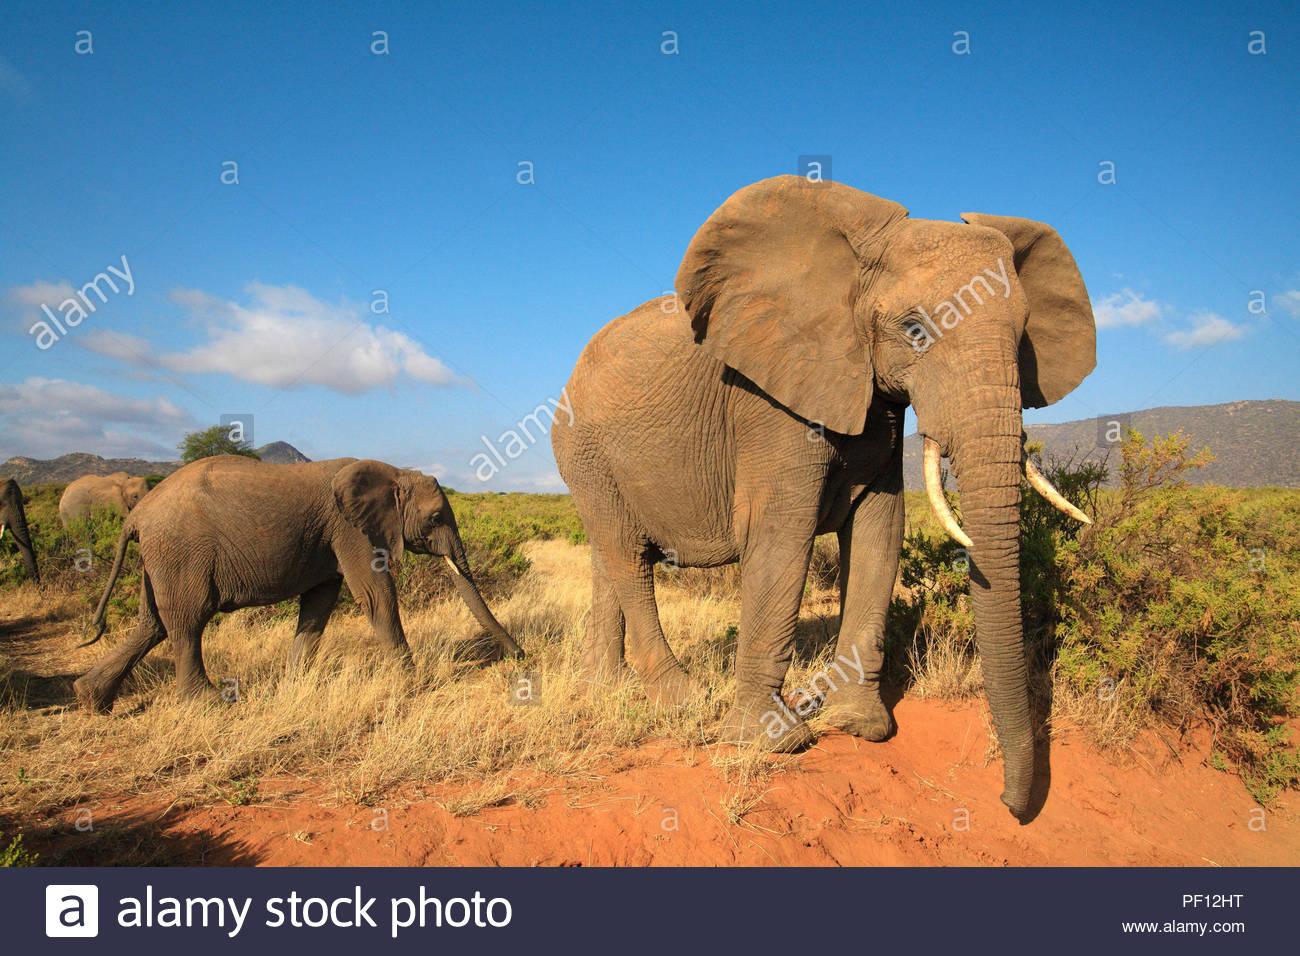 Afrikanische Elefanten (Loxodonta africana), Samburu, Kenia | African bush elephant or African elephant (Loxodonta africana), Samburu, Kenya - Stock Image